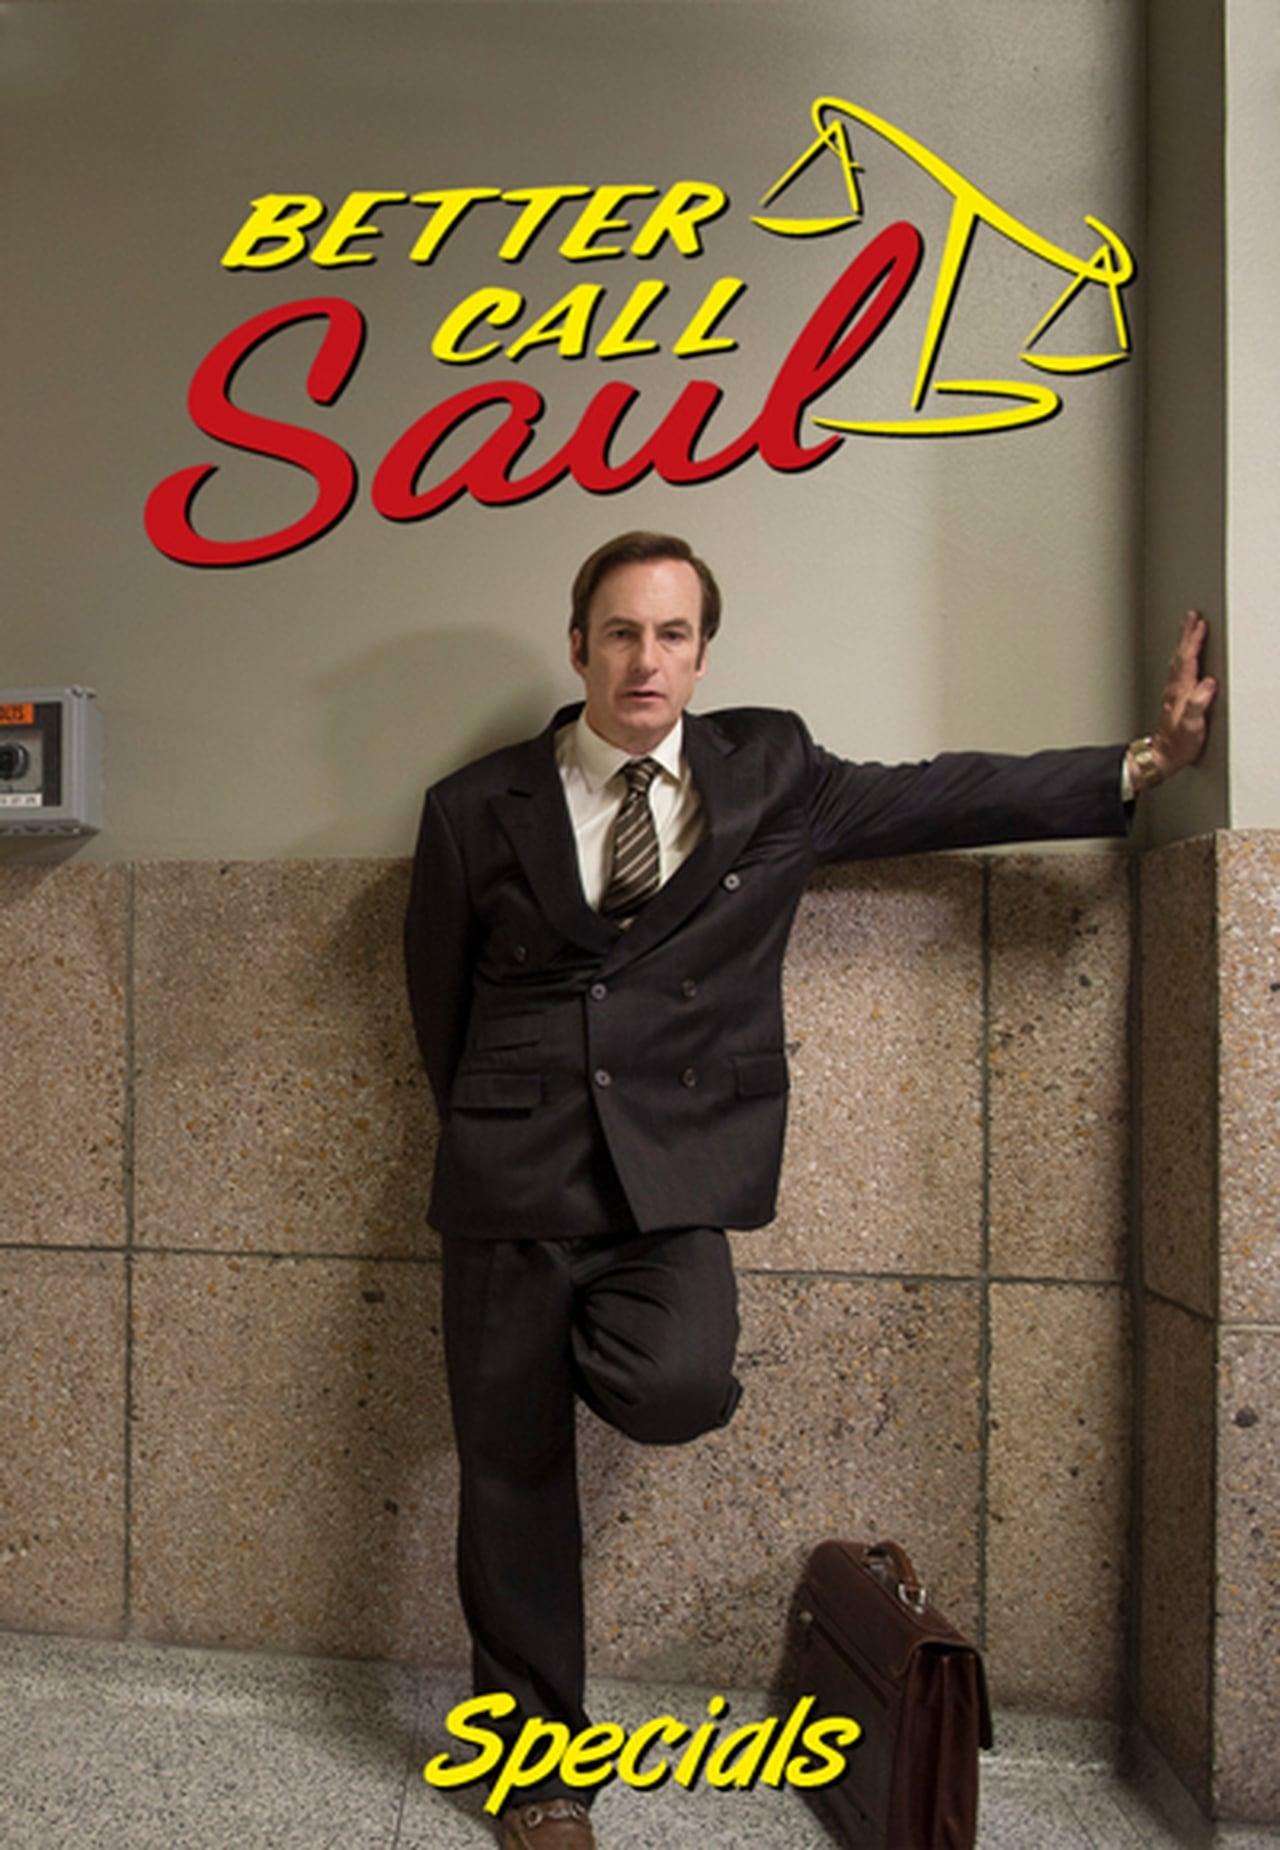 Better Call Saul (2014)